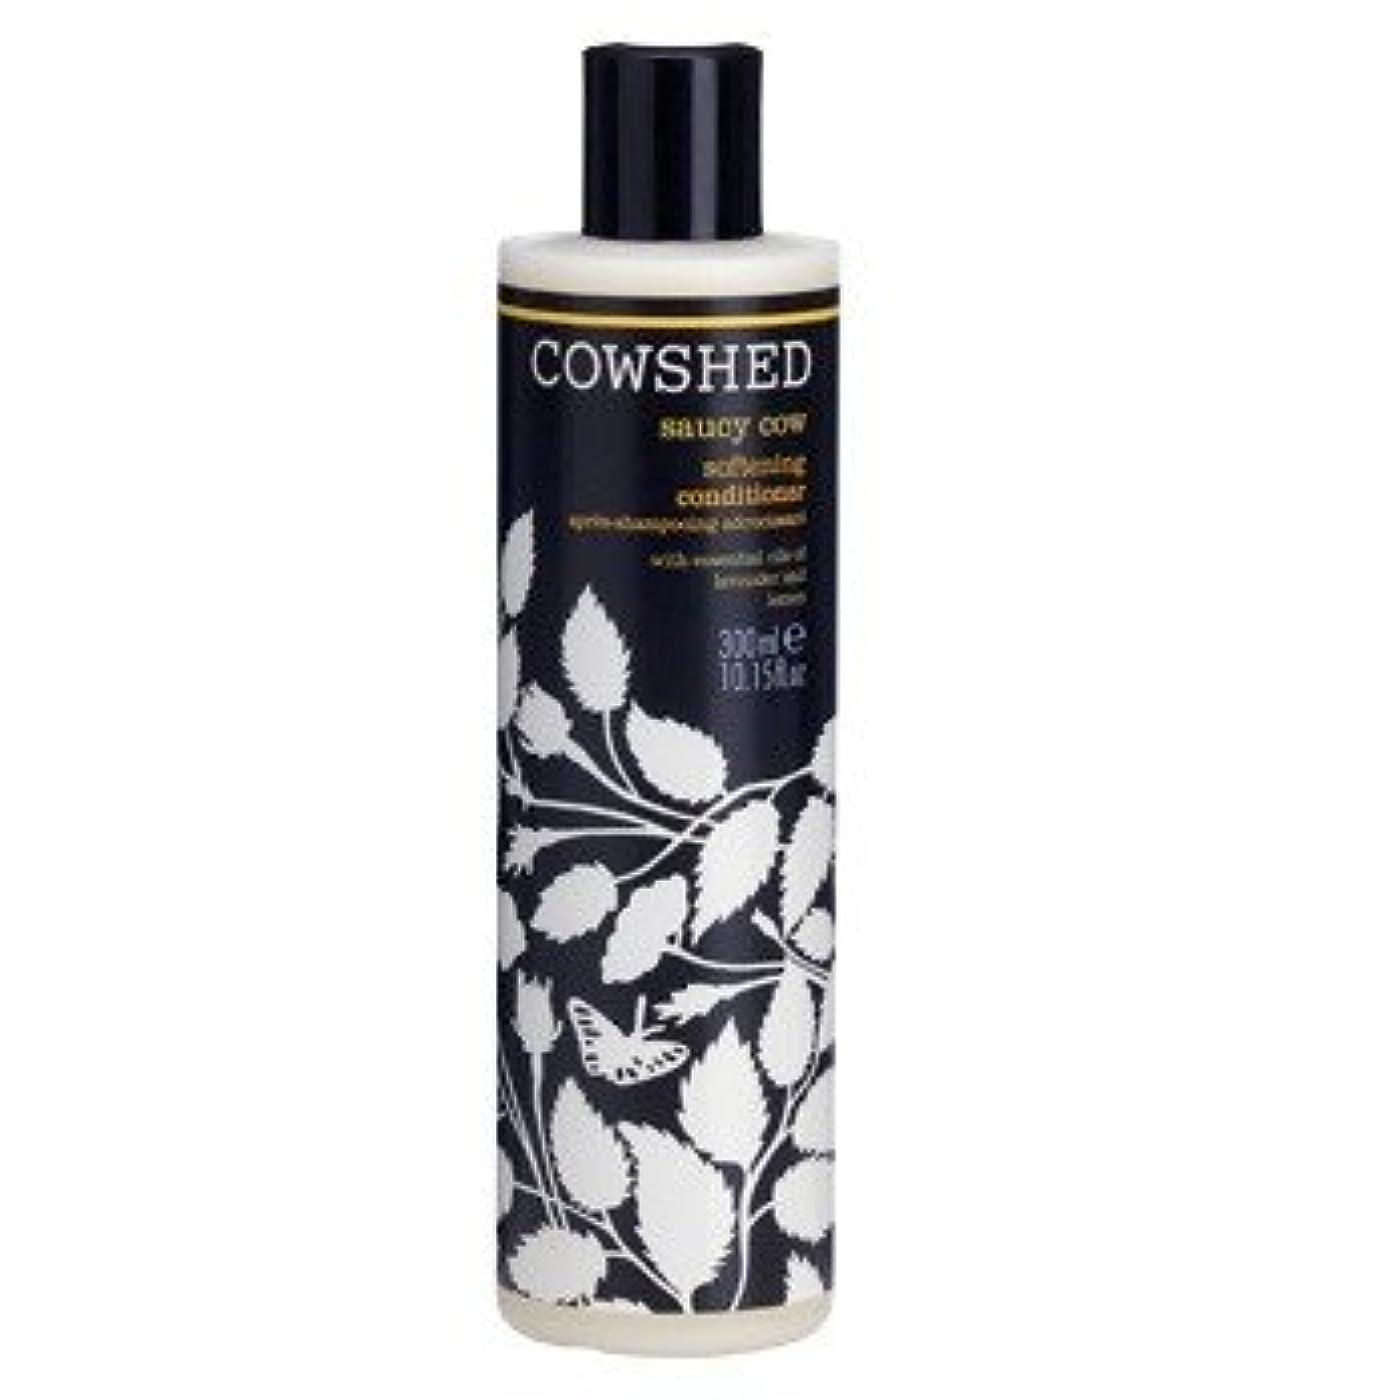 勉強する六ジャズ牛舎生意気な牛軟化コンディショナー300ミリリットル (Cowshed) (x6) - Cowshed Saucy Cow Softening Conditioner 300ml (Pack of 6) [並行輸入品]